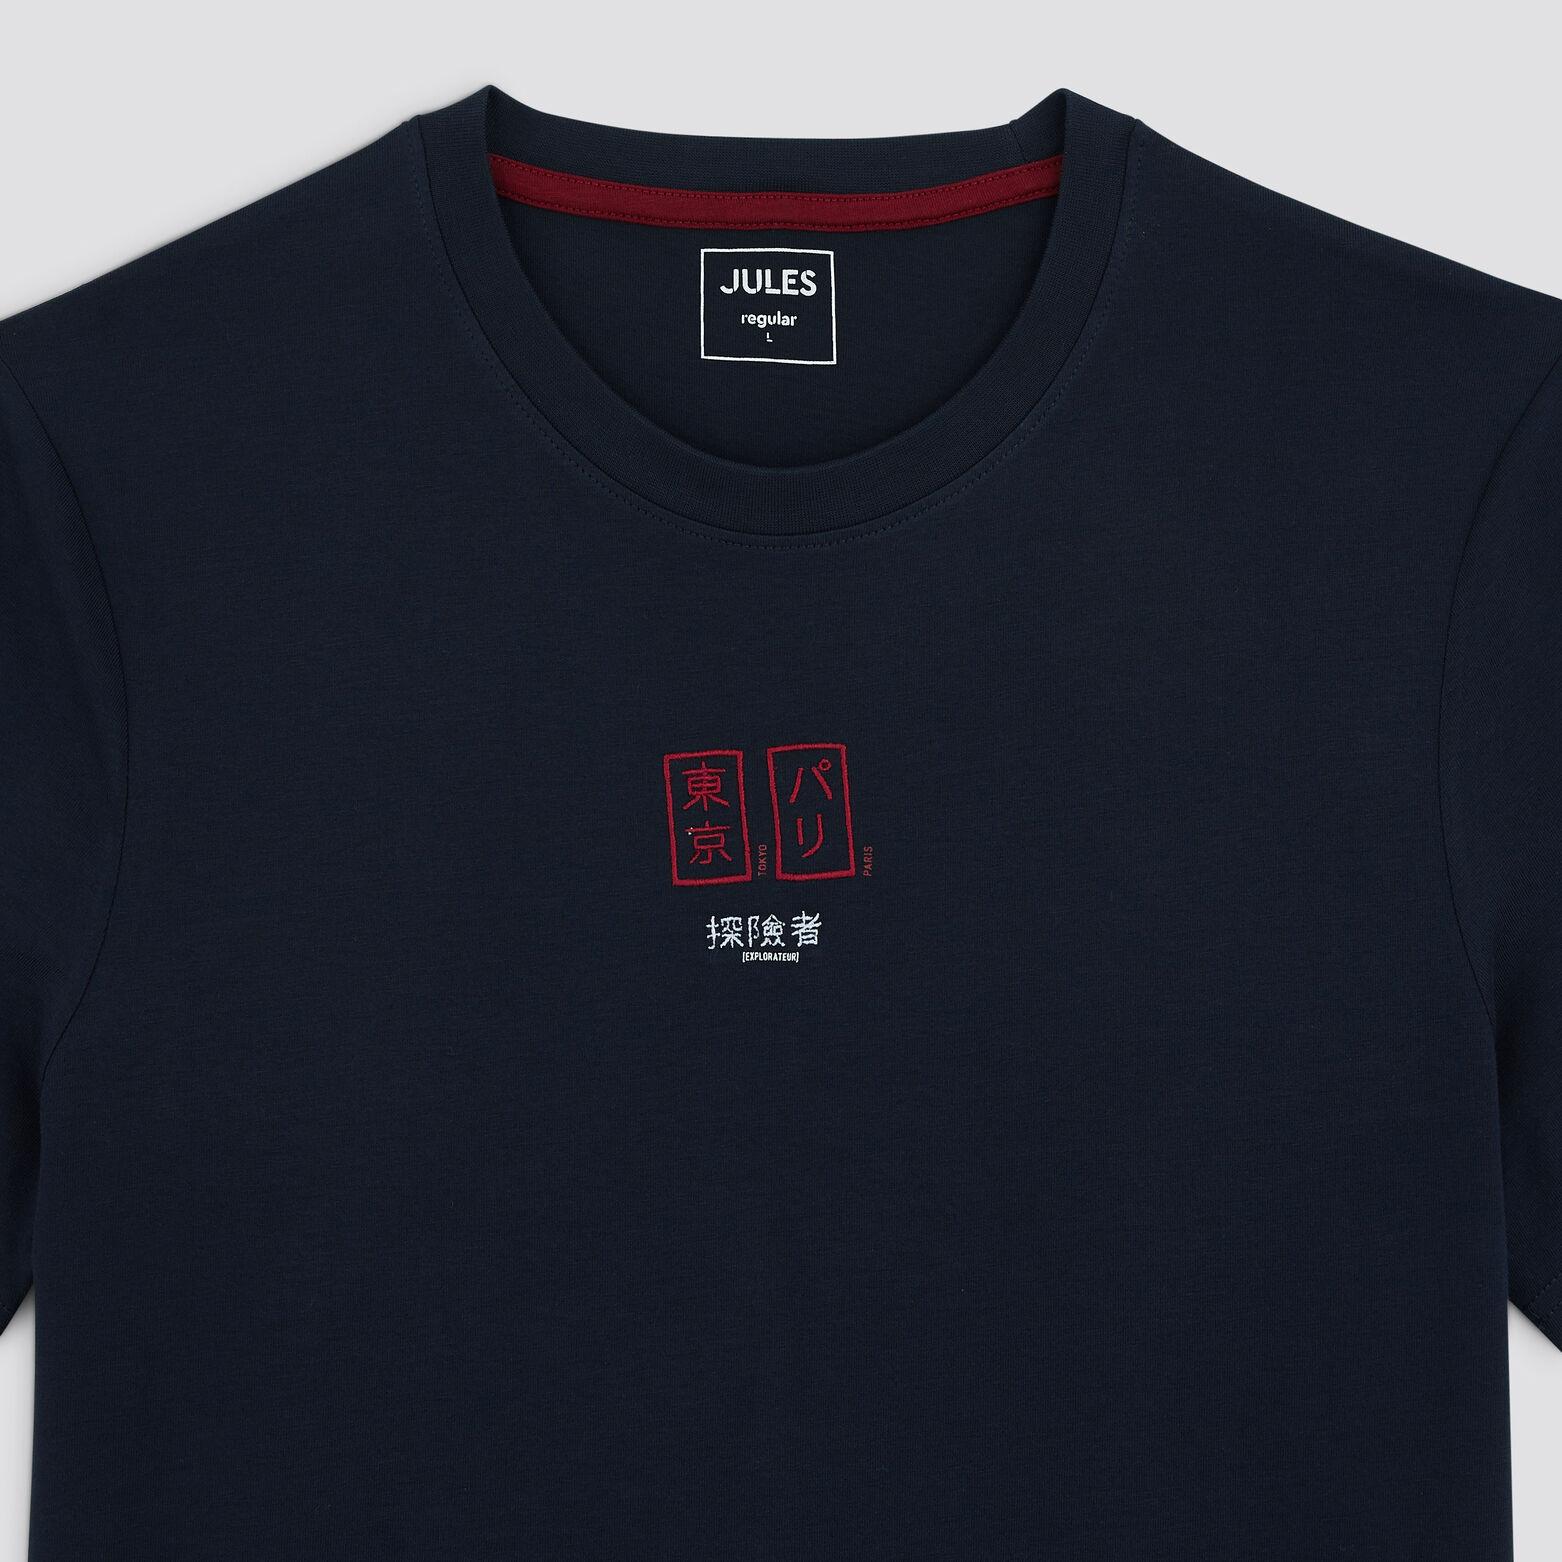 Tee-shirt broderie japonaise coton issu de l'agri